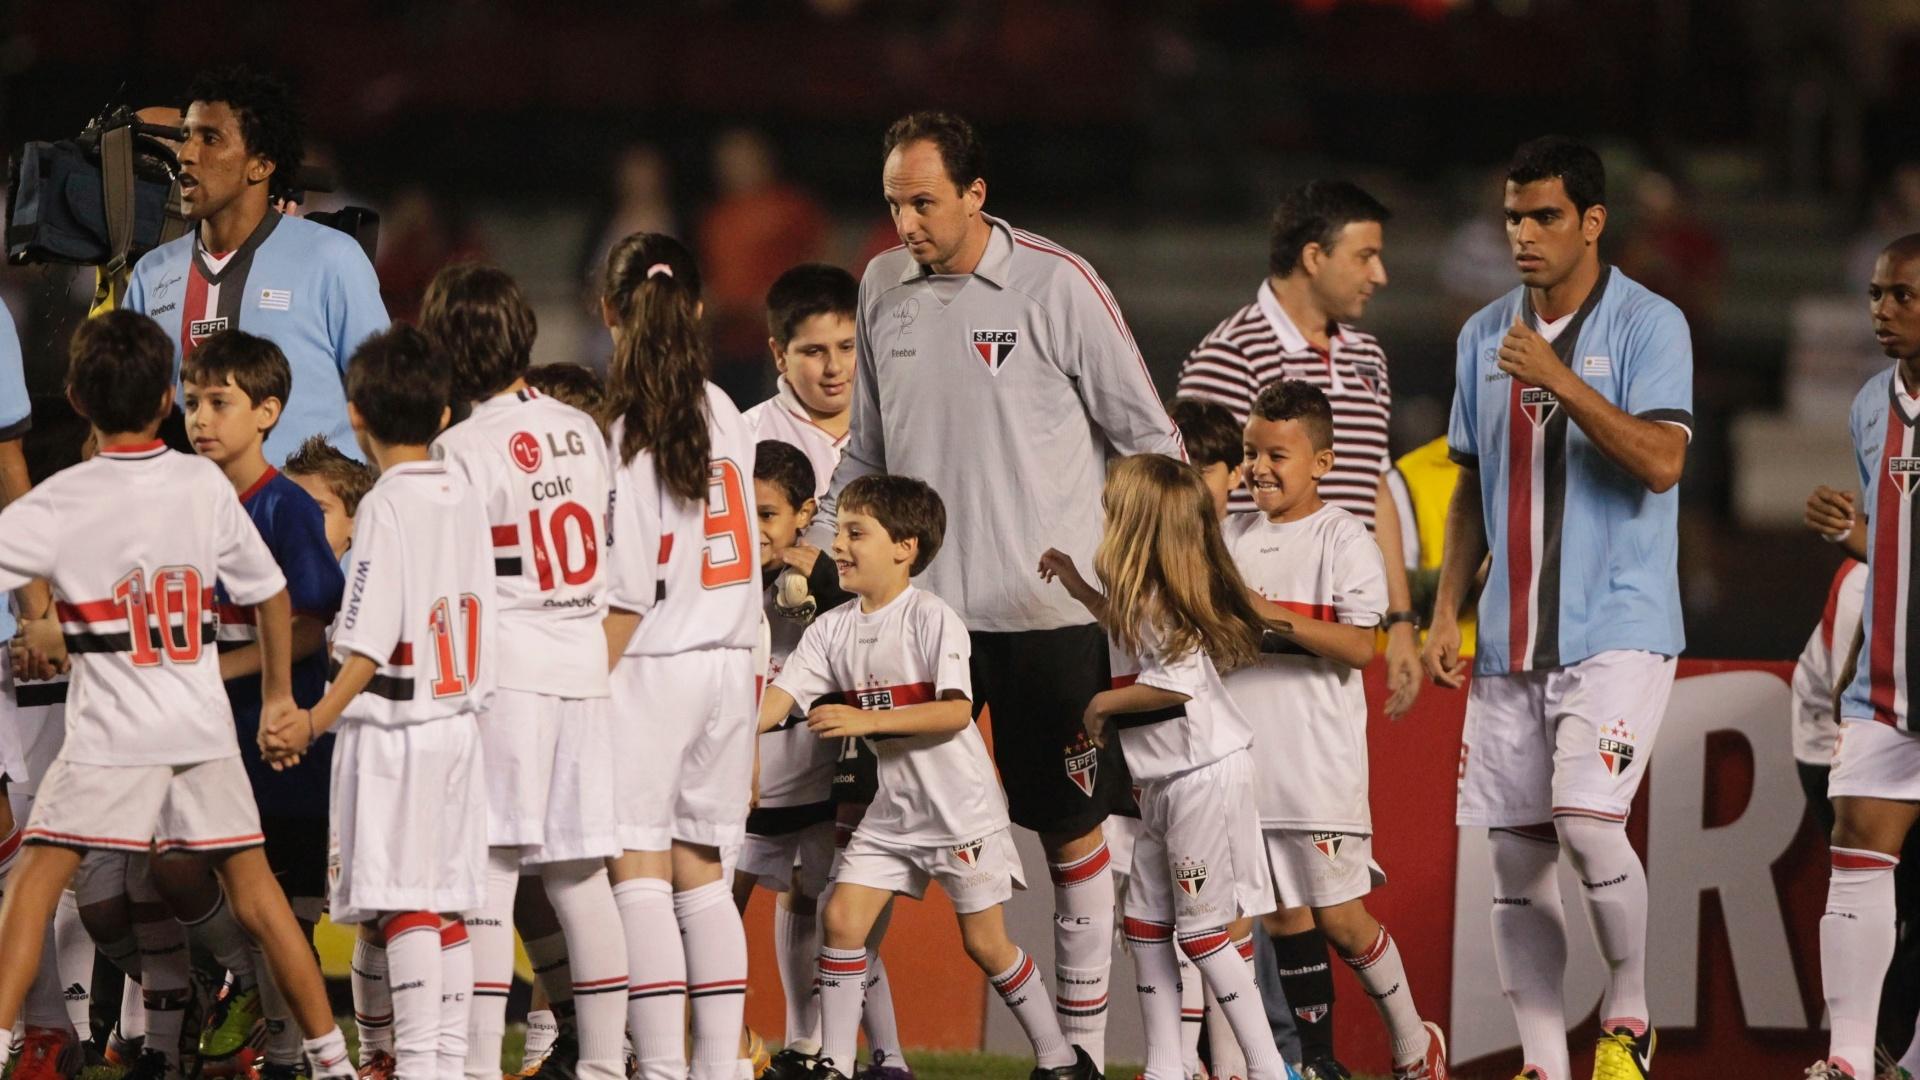 Jogadores do São Paulo entram em campo no Morumbi para partida contra a Portuguesa pela 25ª rodada do Brasileiro